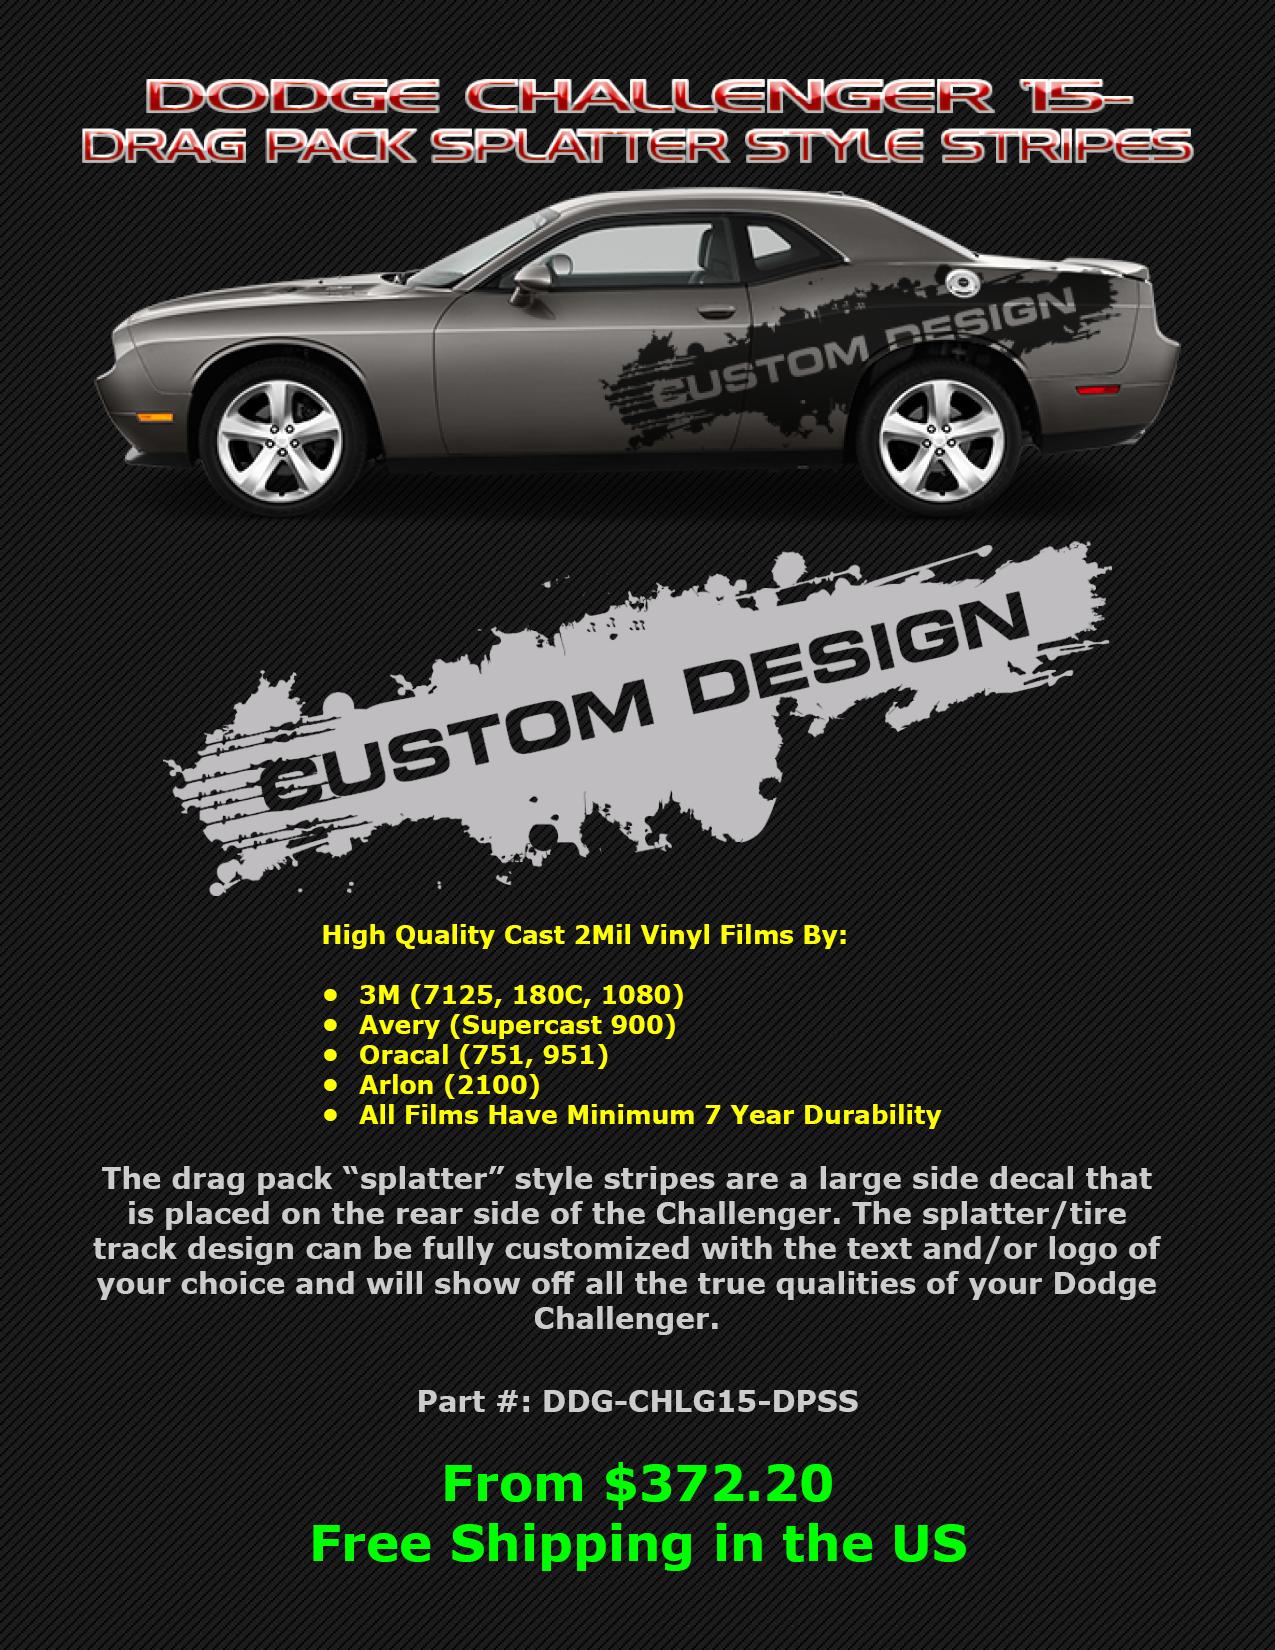 2015 2020 Dodge Challenger Drag Pack Splatter Stripes Design